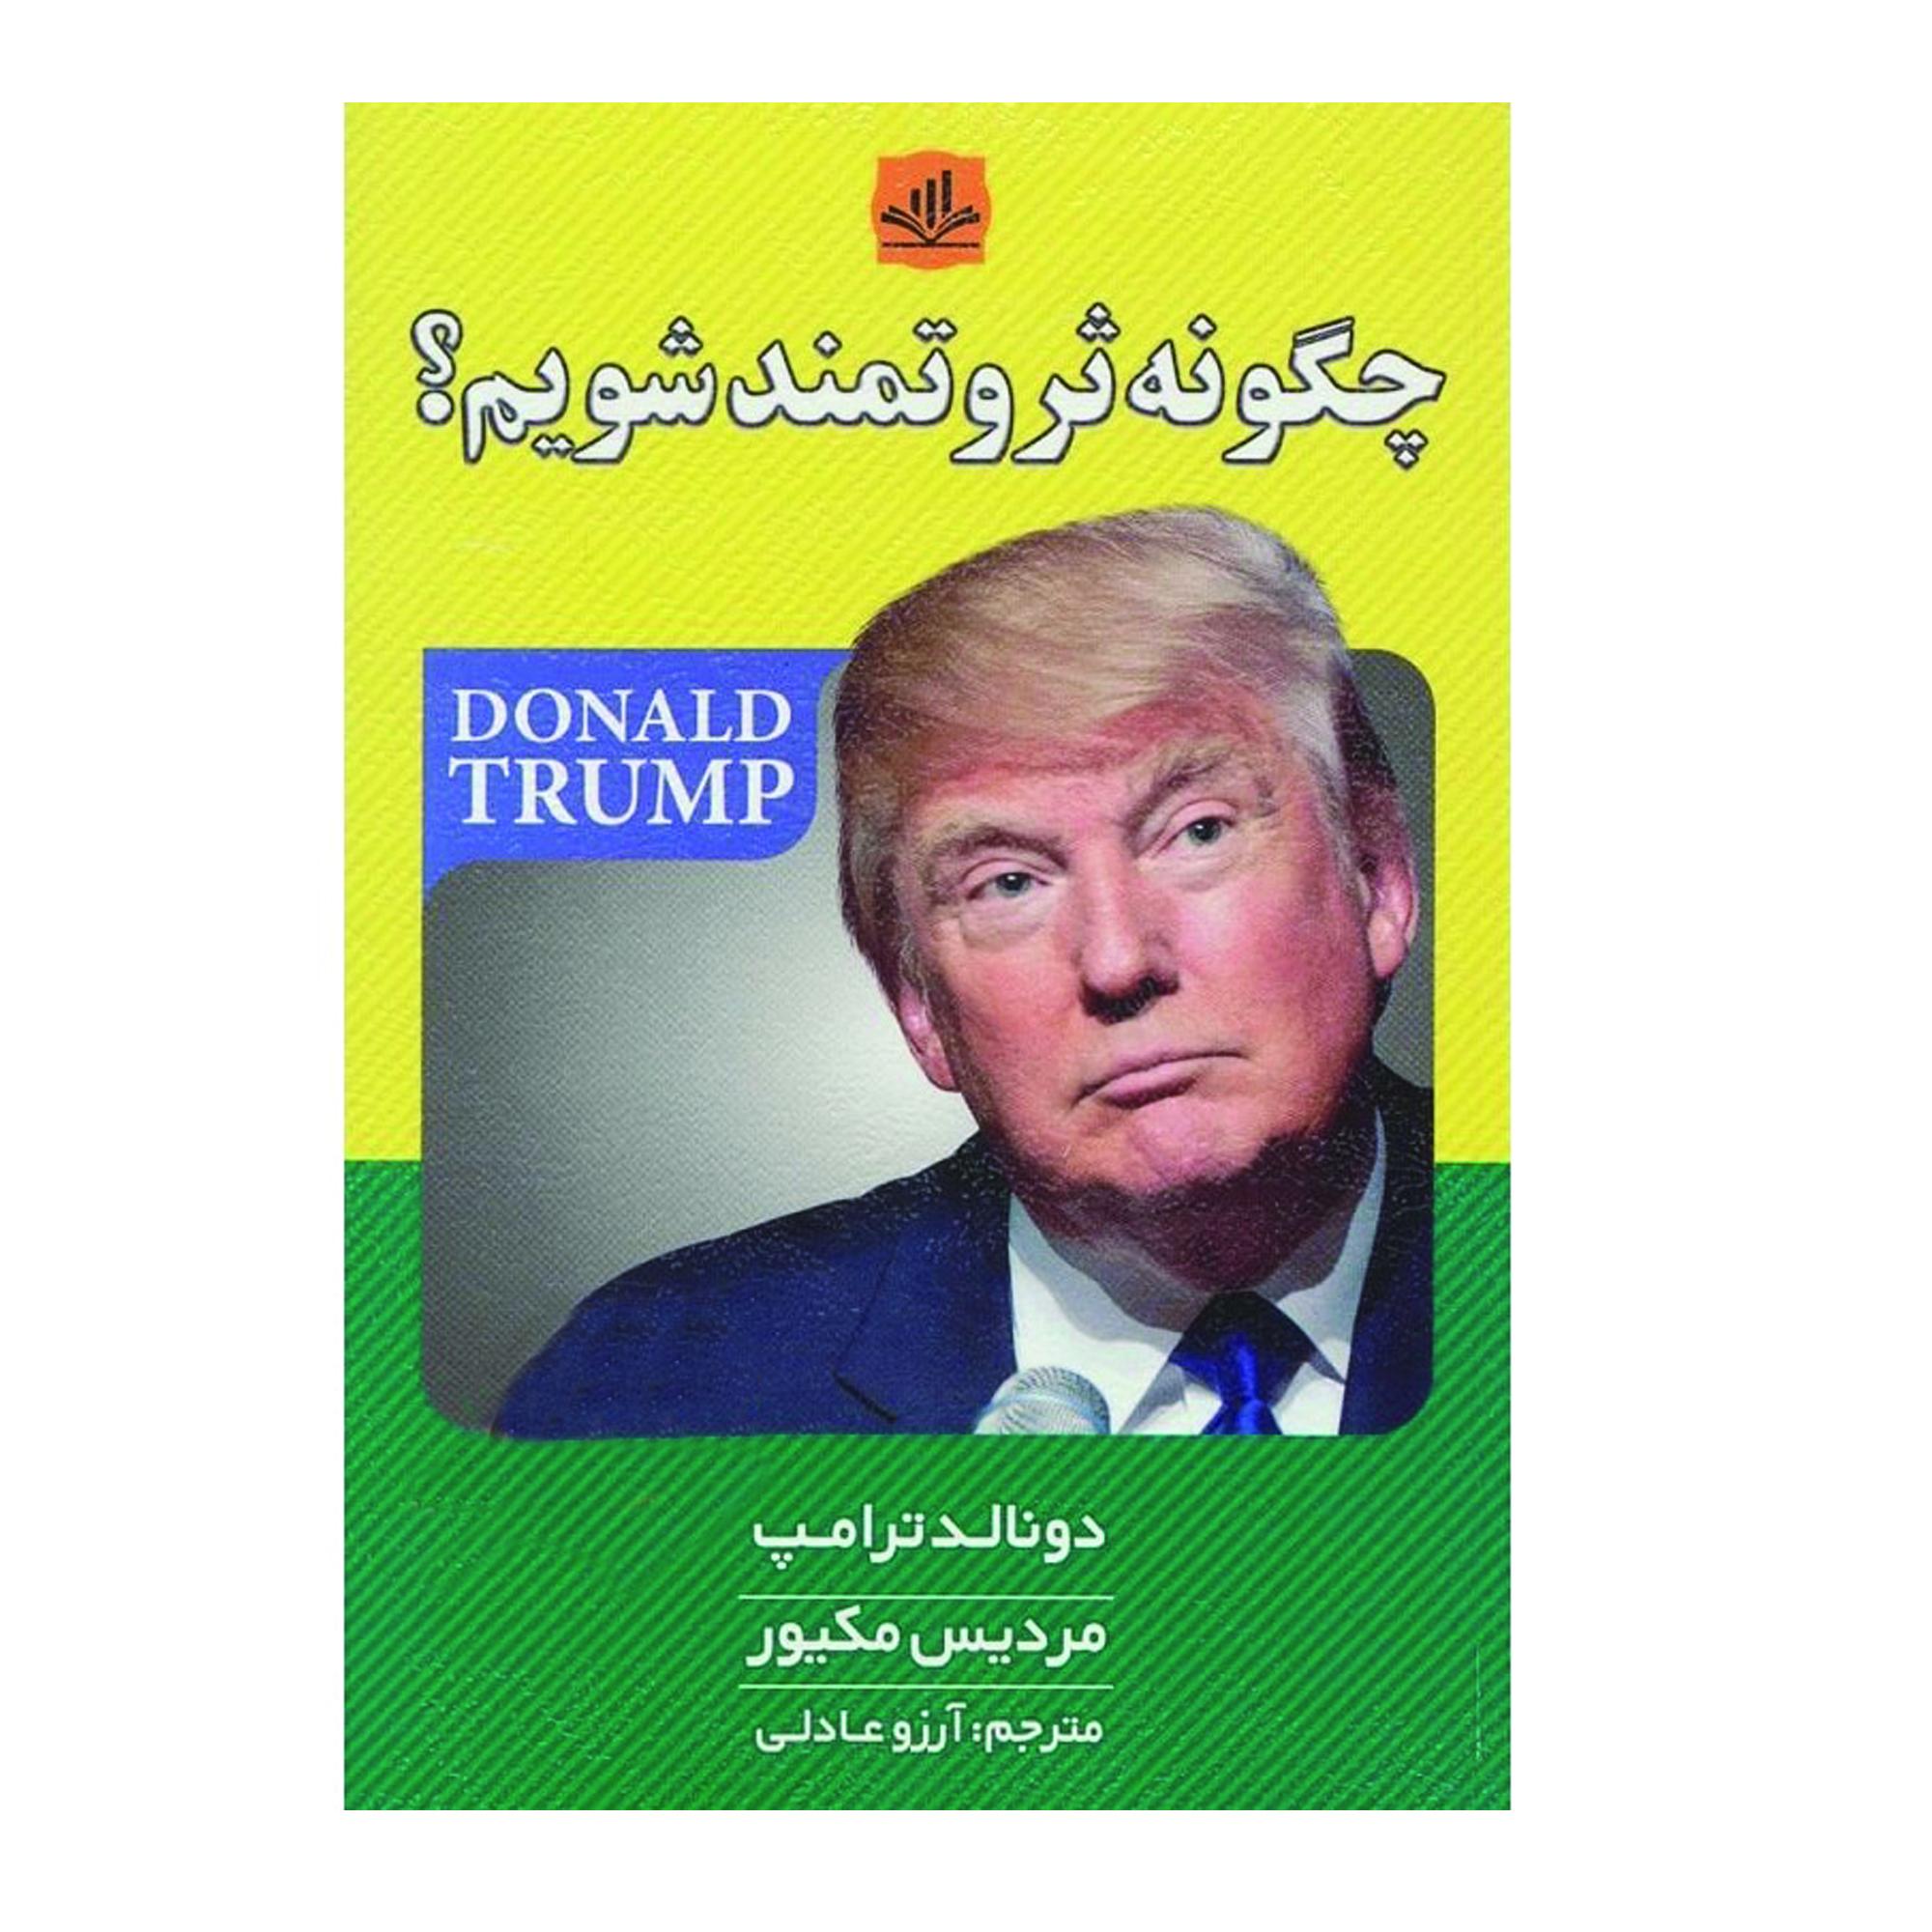 خرید                      کتاب چگونه ثروتمند شویم اثر دونالد ترامپ ناشر الماس پارسیان